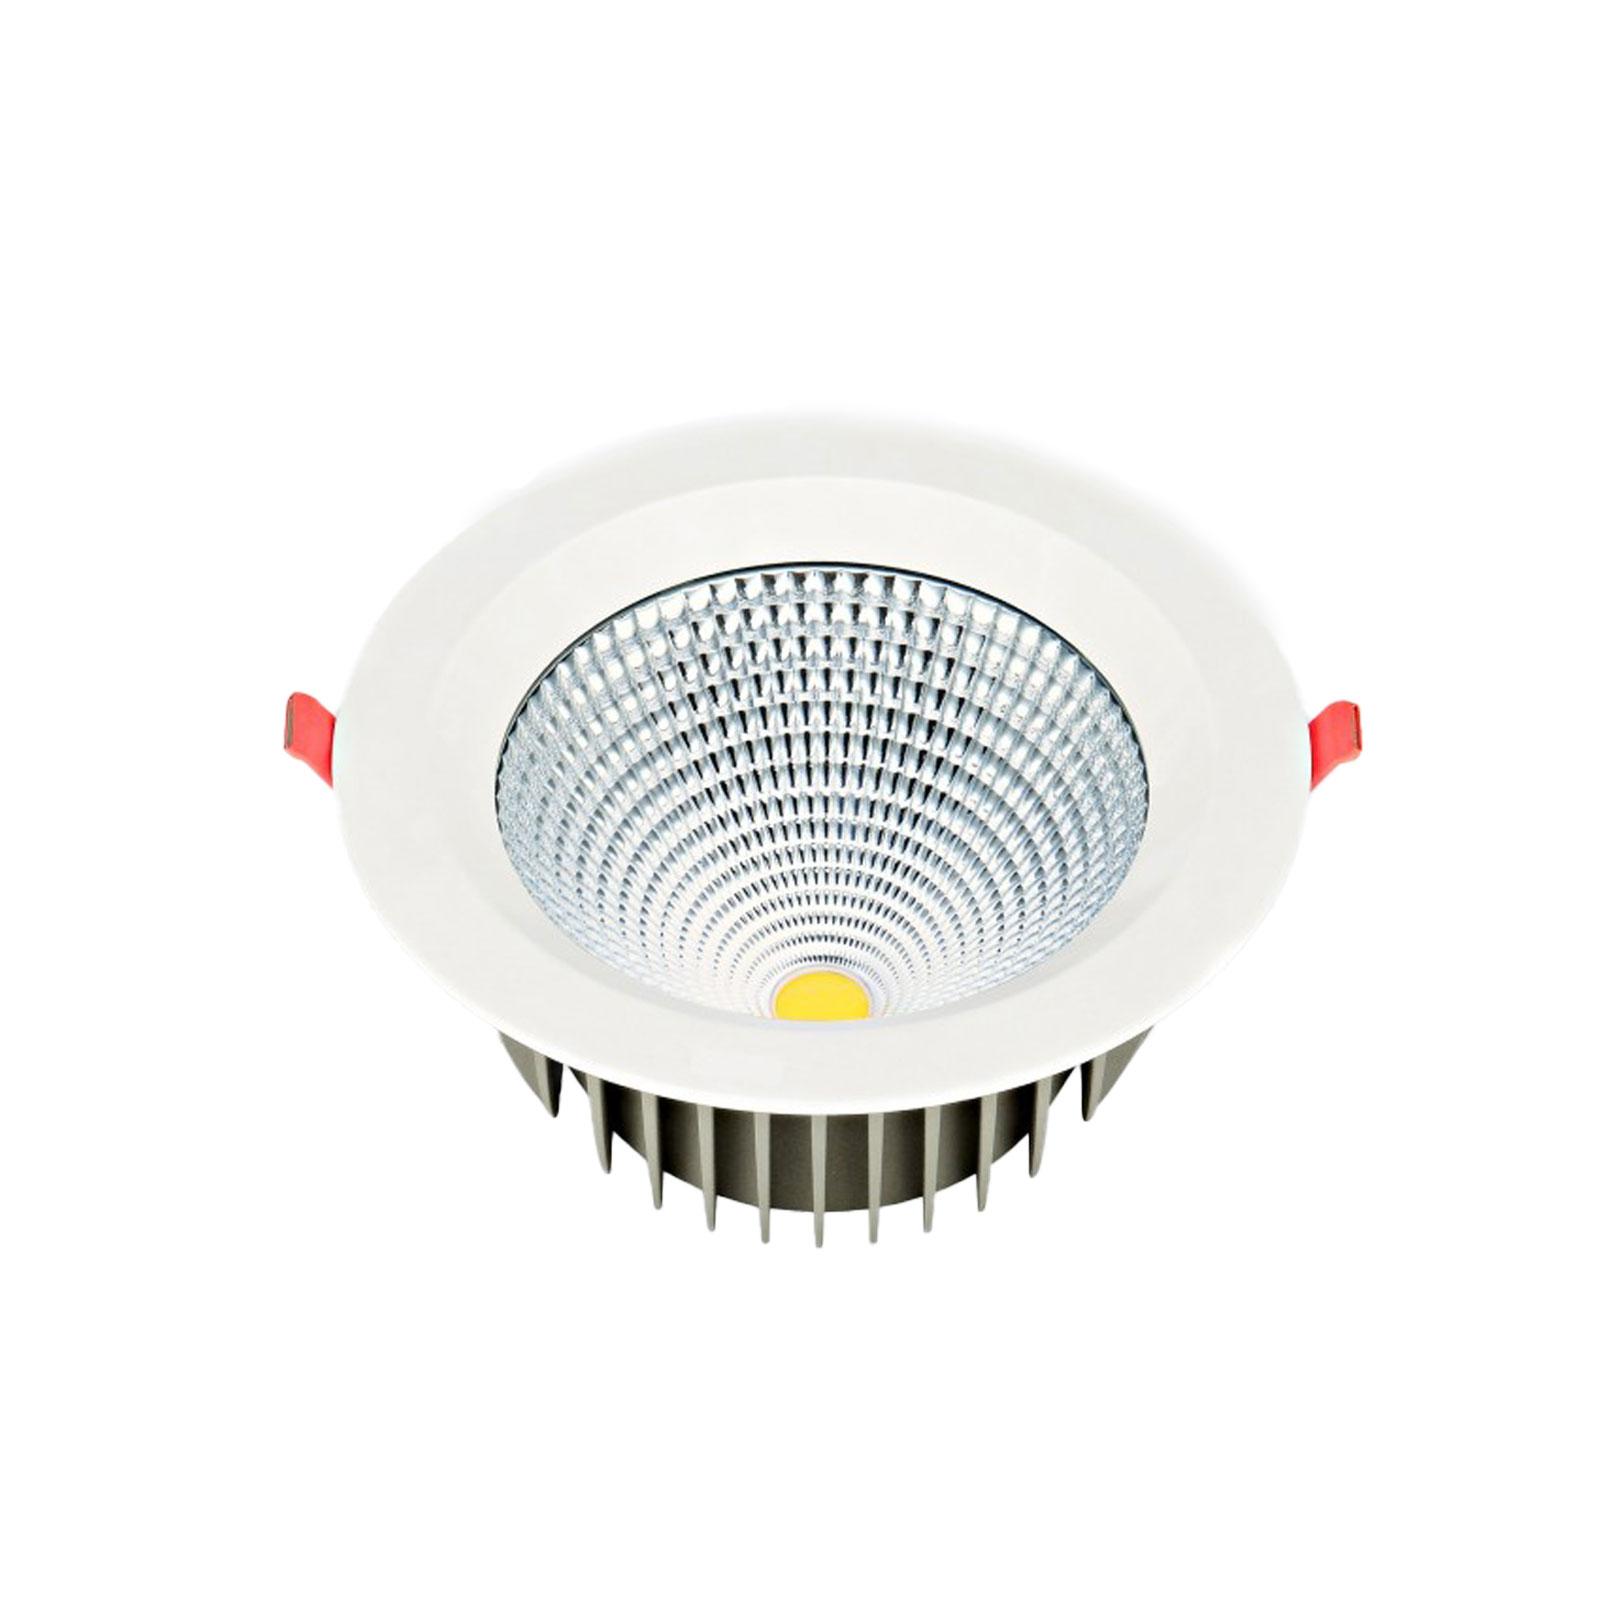 چراغ توکار 20 وات COB قطر 17 سانتیمتر ویسنا مدل VSFCOB